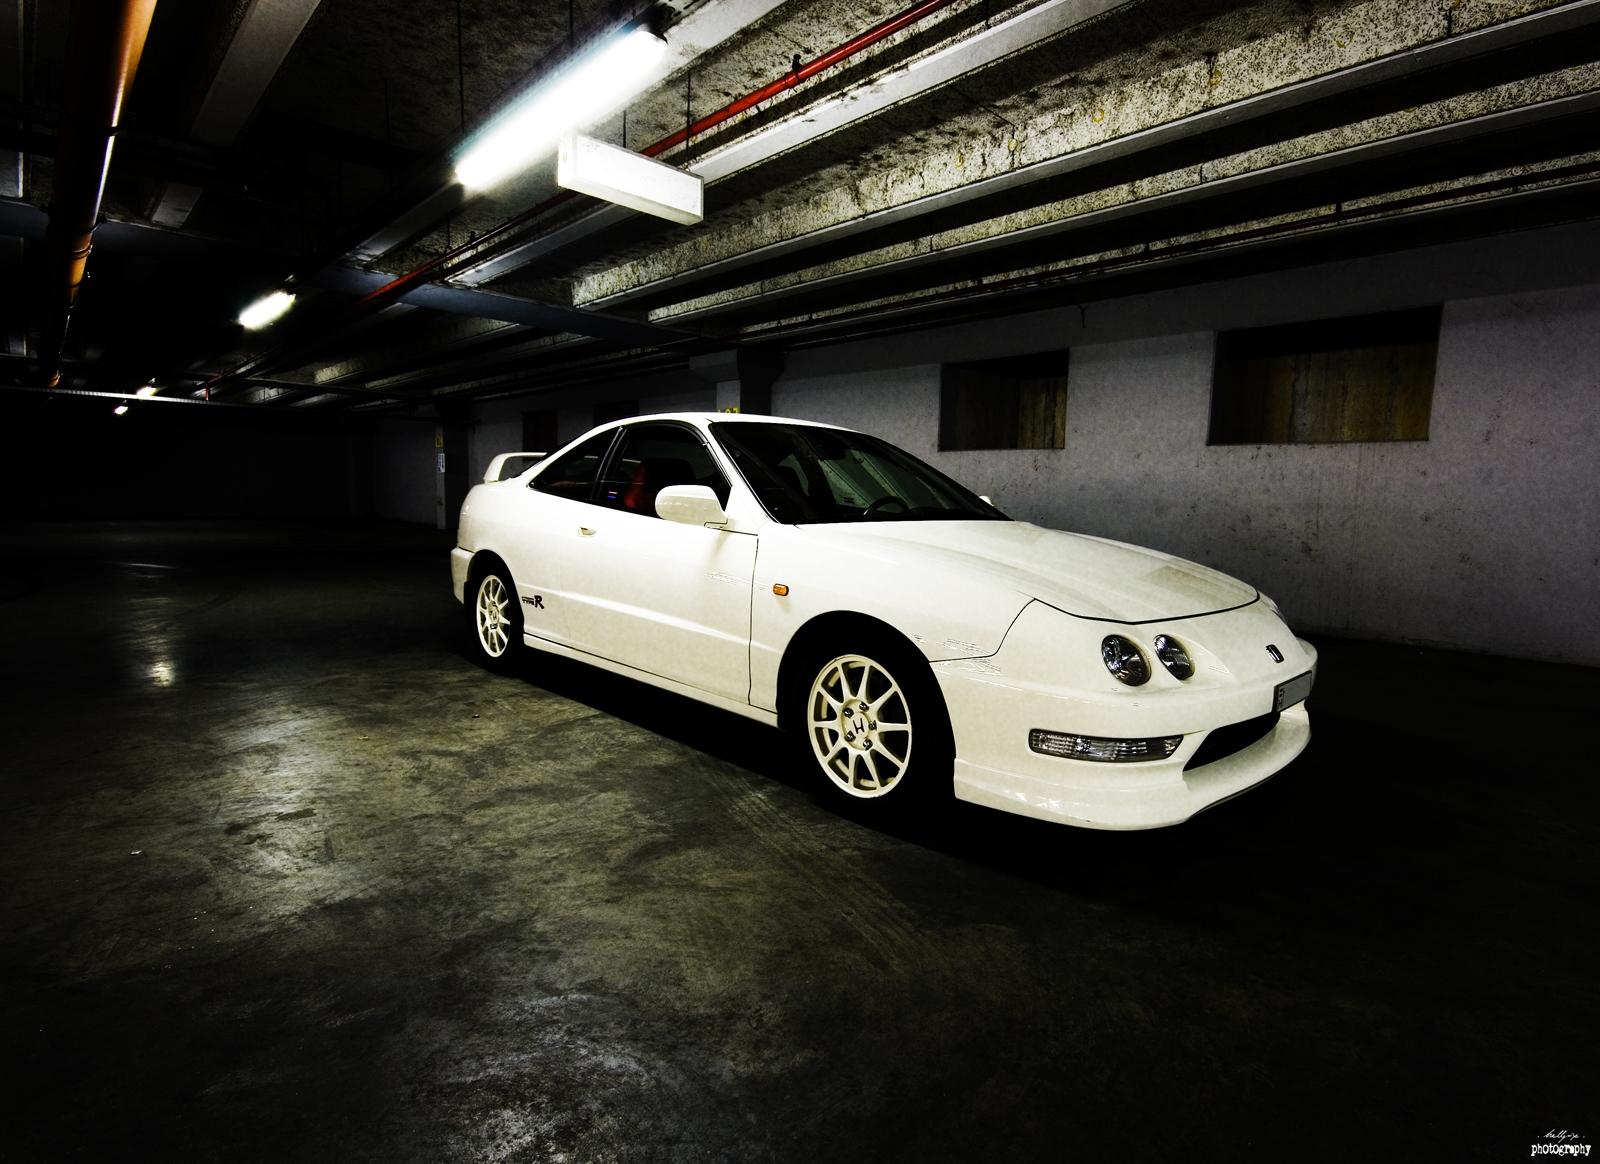 S Acura Integra Wallpaper Honda Type R - Likegrass com